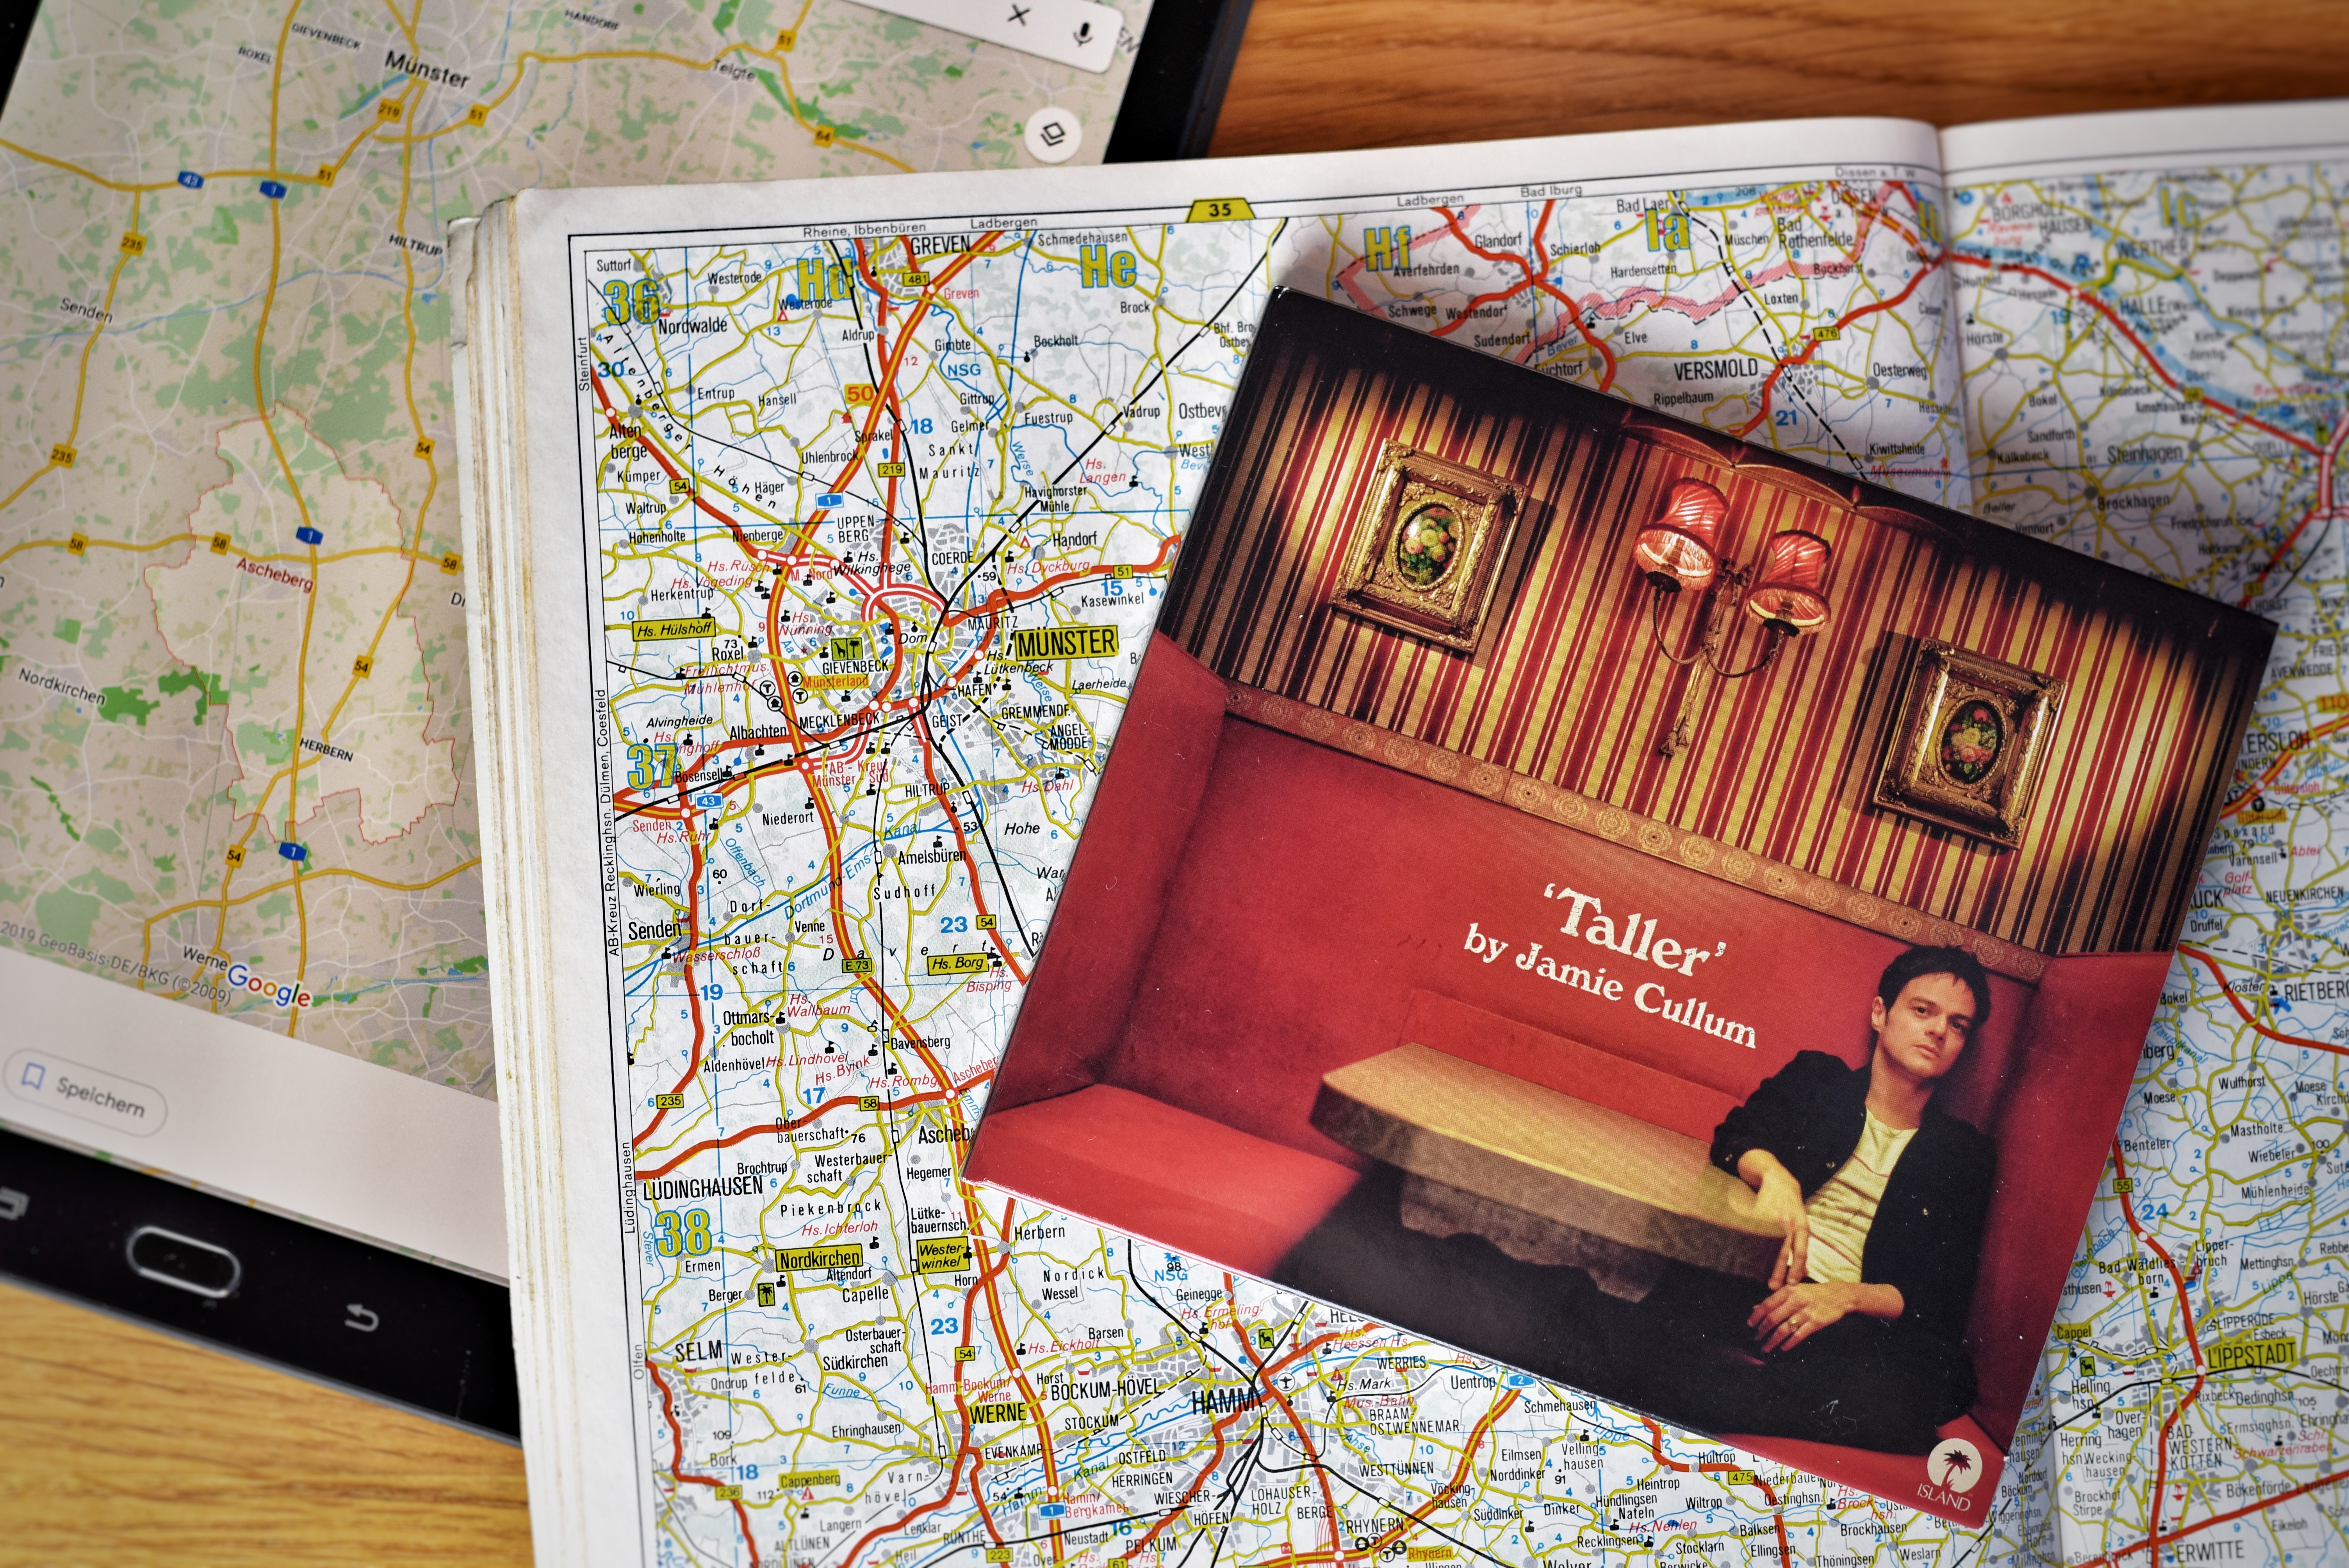 Jamie Cullum: Taller – Musik für drei Stunden Autobahn